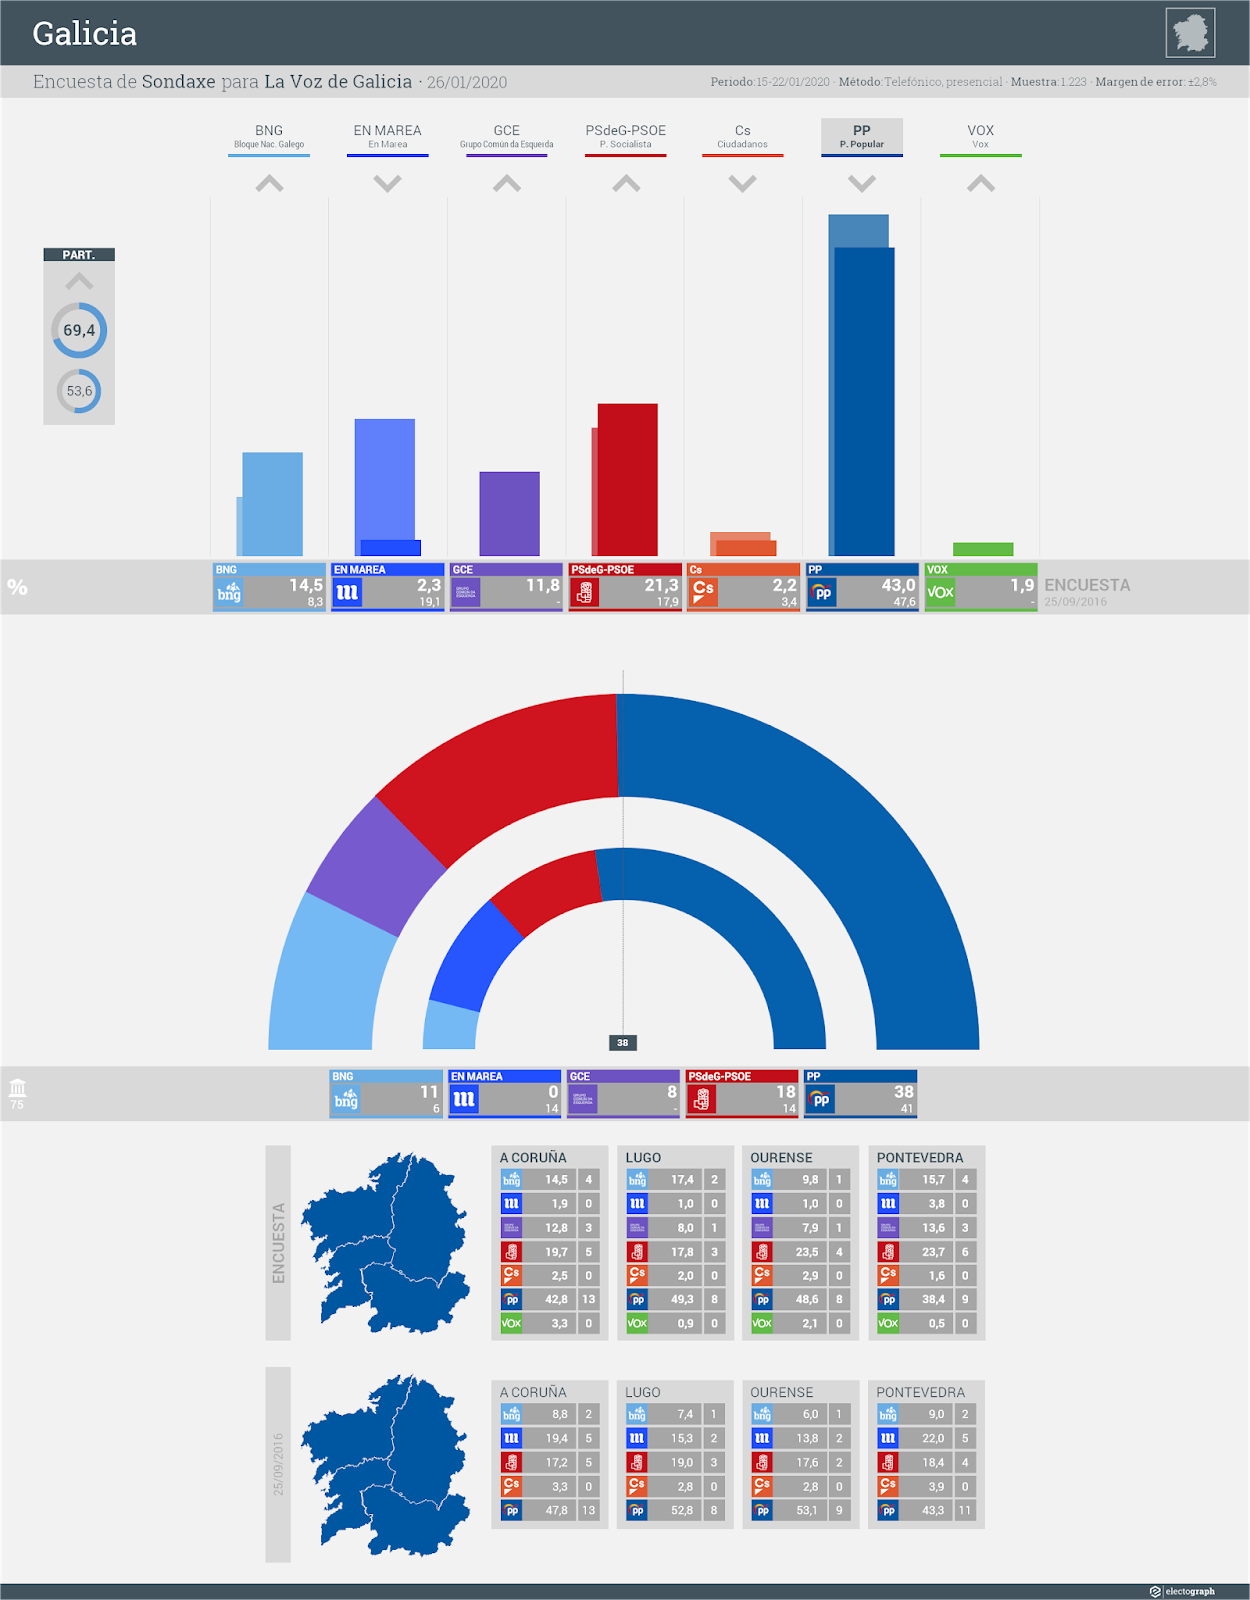 Gráfico de la encuesta para elecciones autonómicas en Galicia realizada por Sondaxe para La Voz de Galicia, 26 de enero de 2020